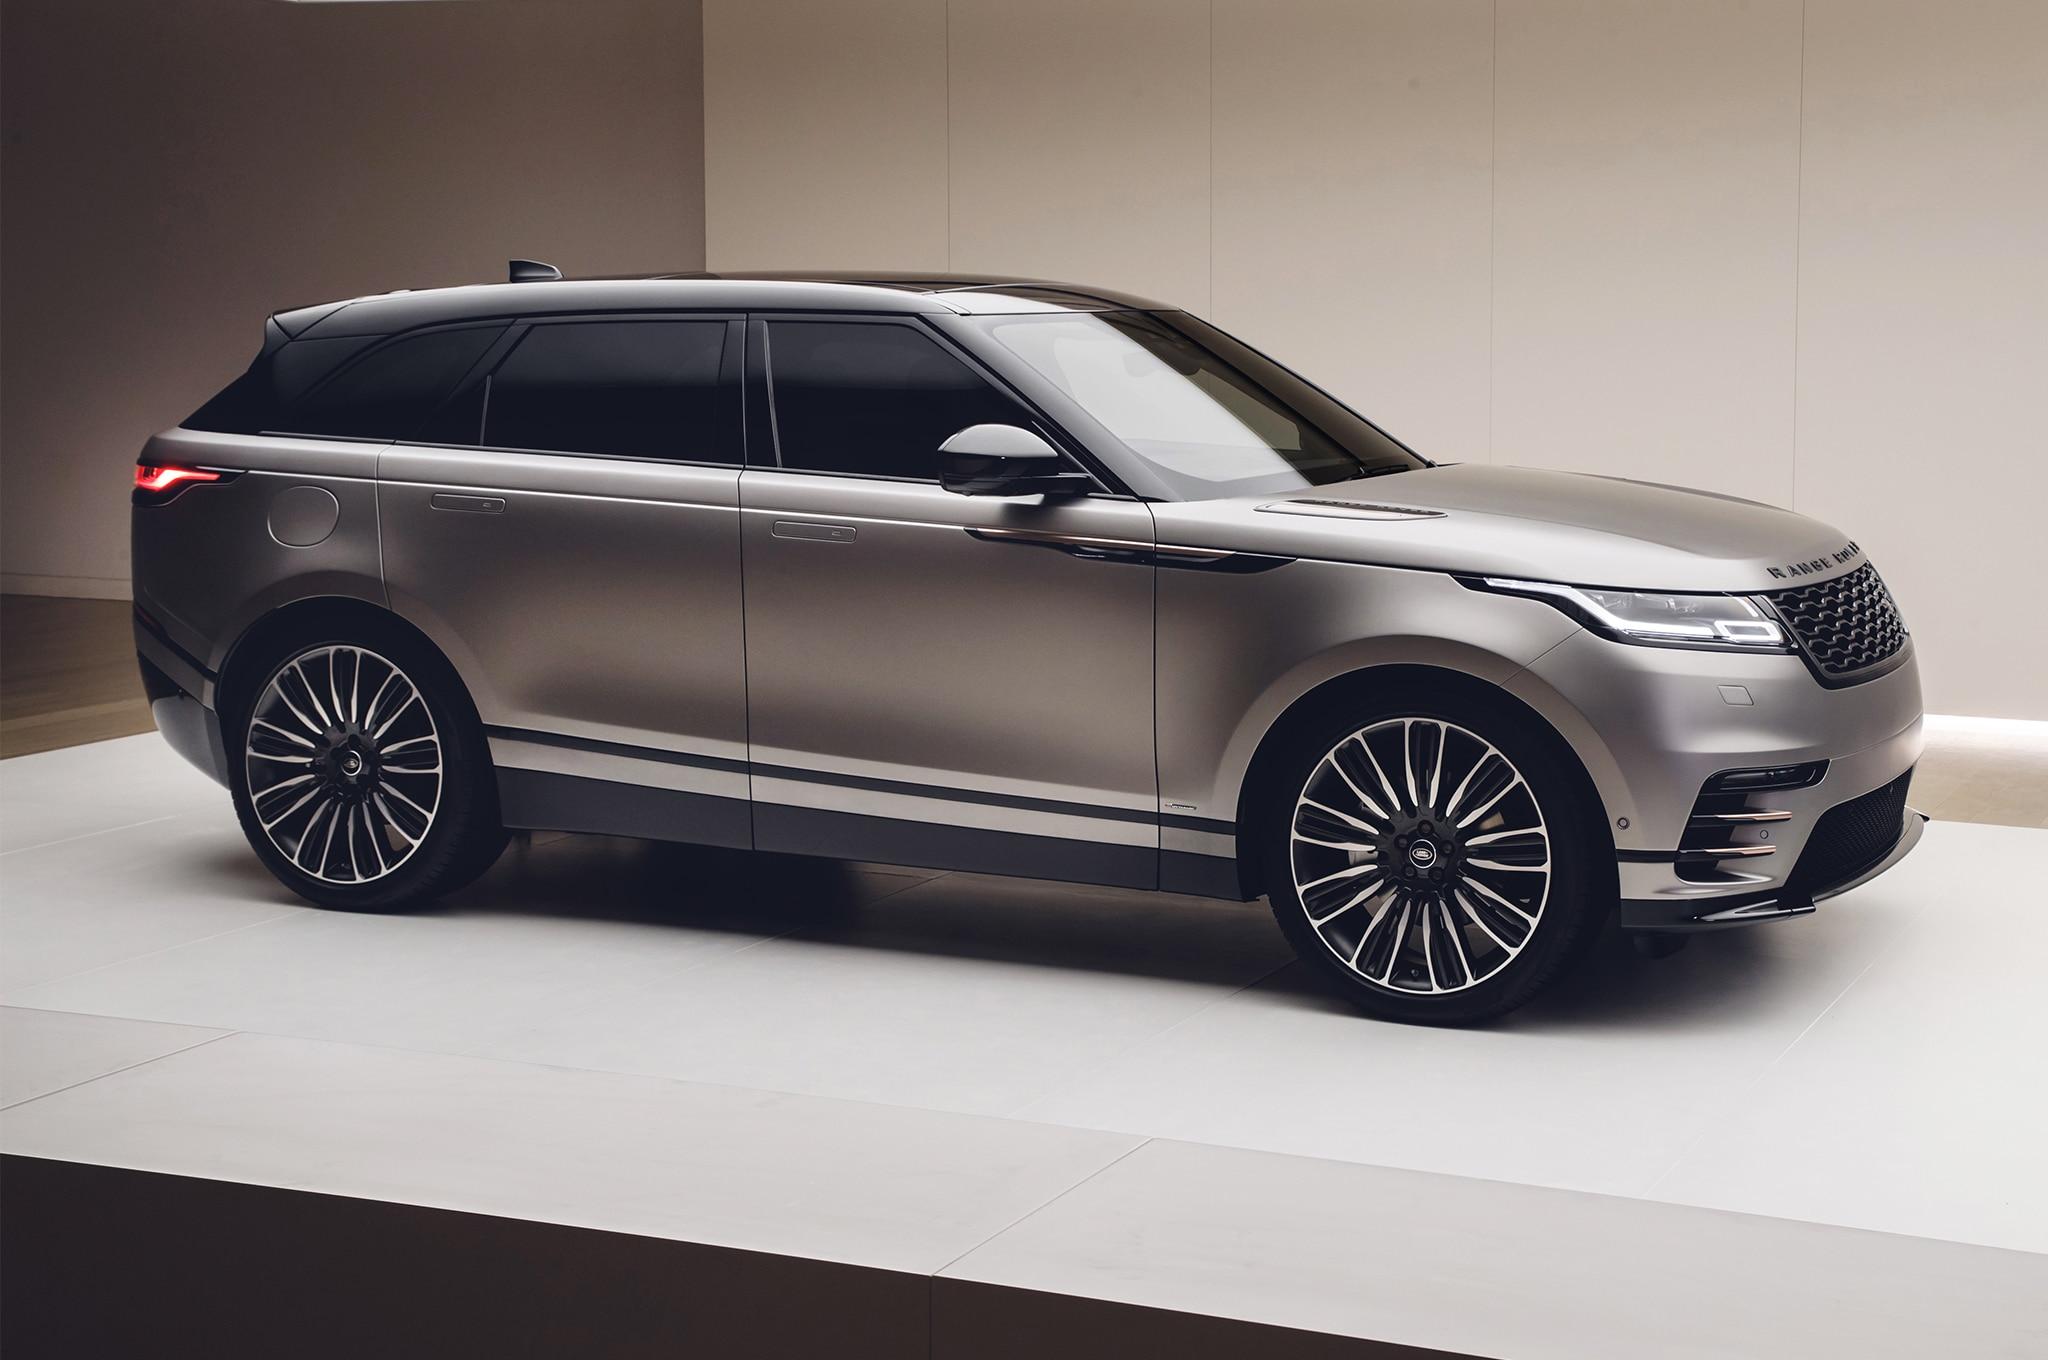 2018 Land Rover Range Rover Velar Front Side 02 Motor